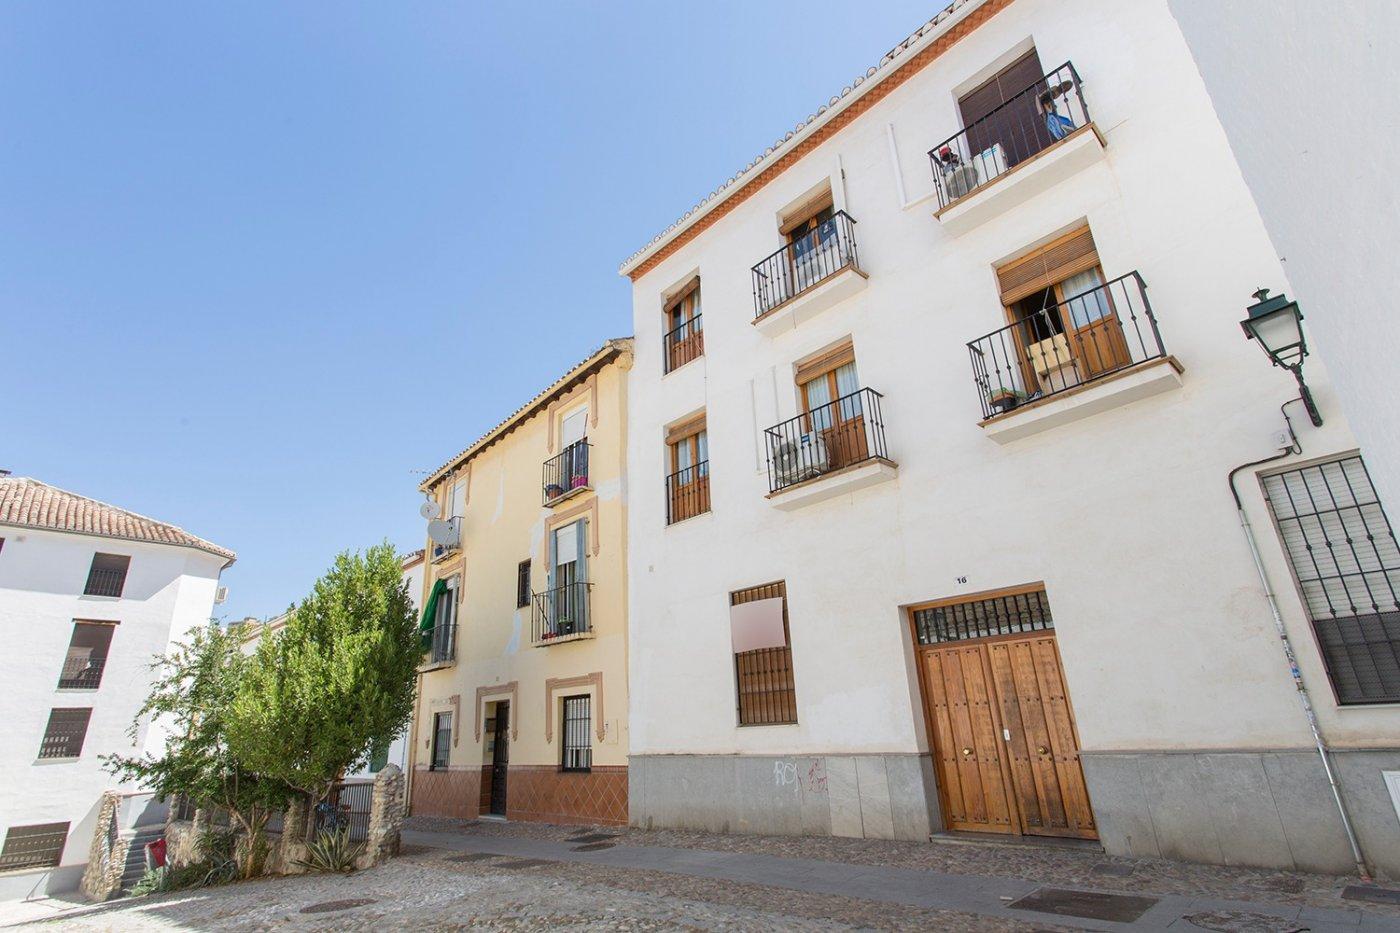 Apartamento bajo Albaycin, Granada